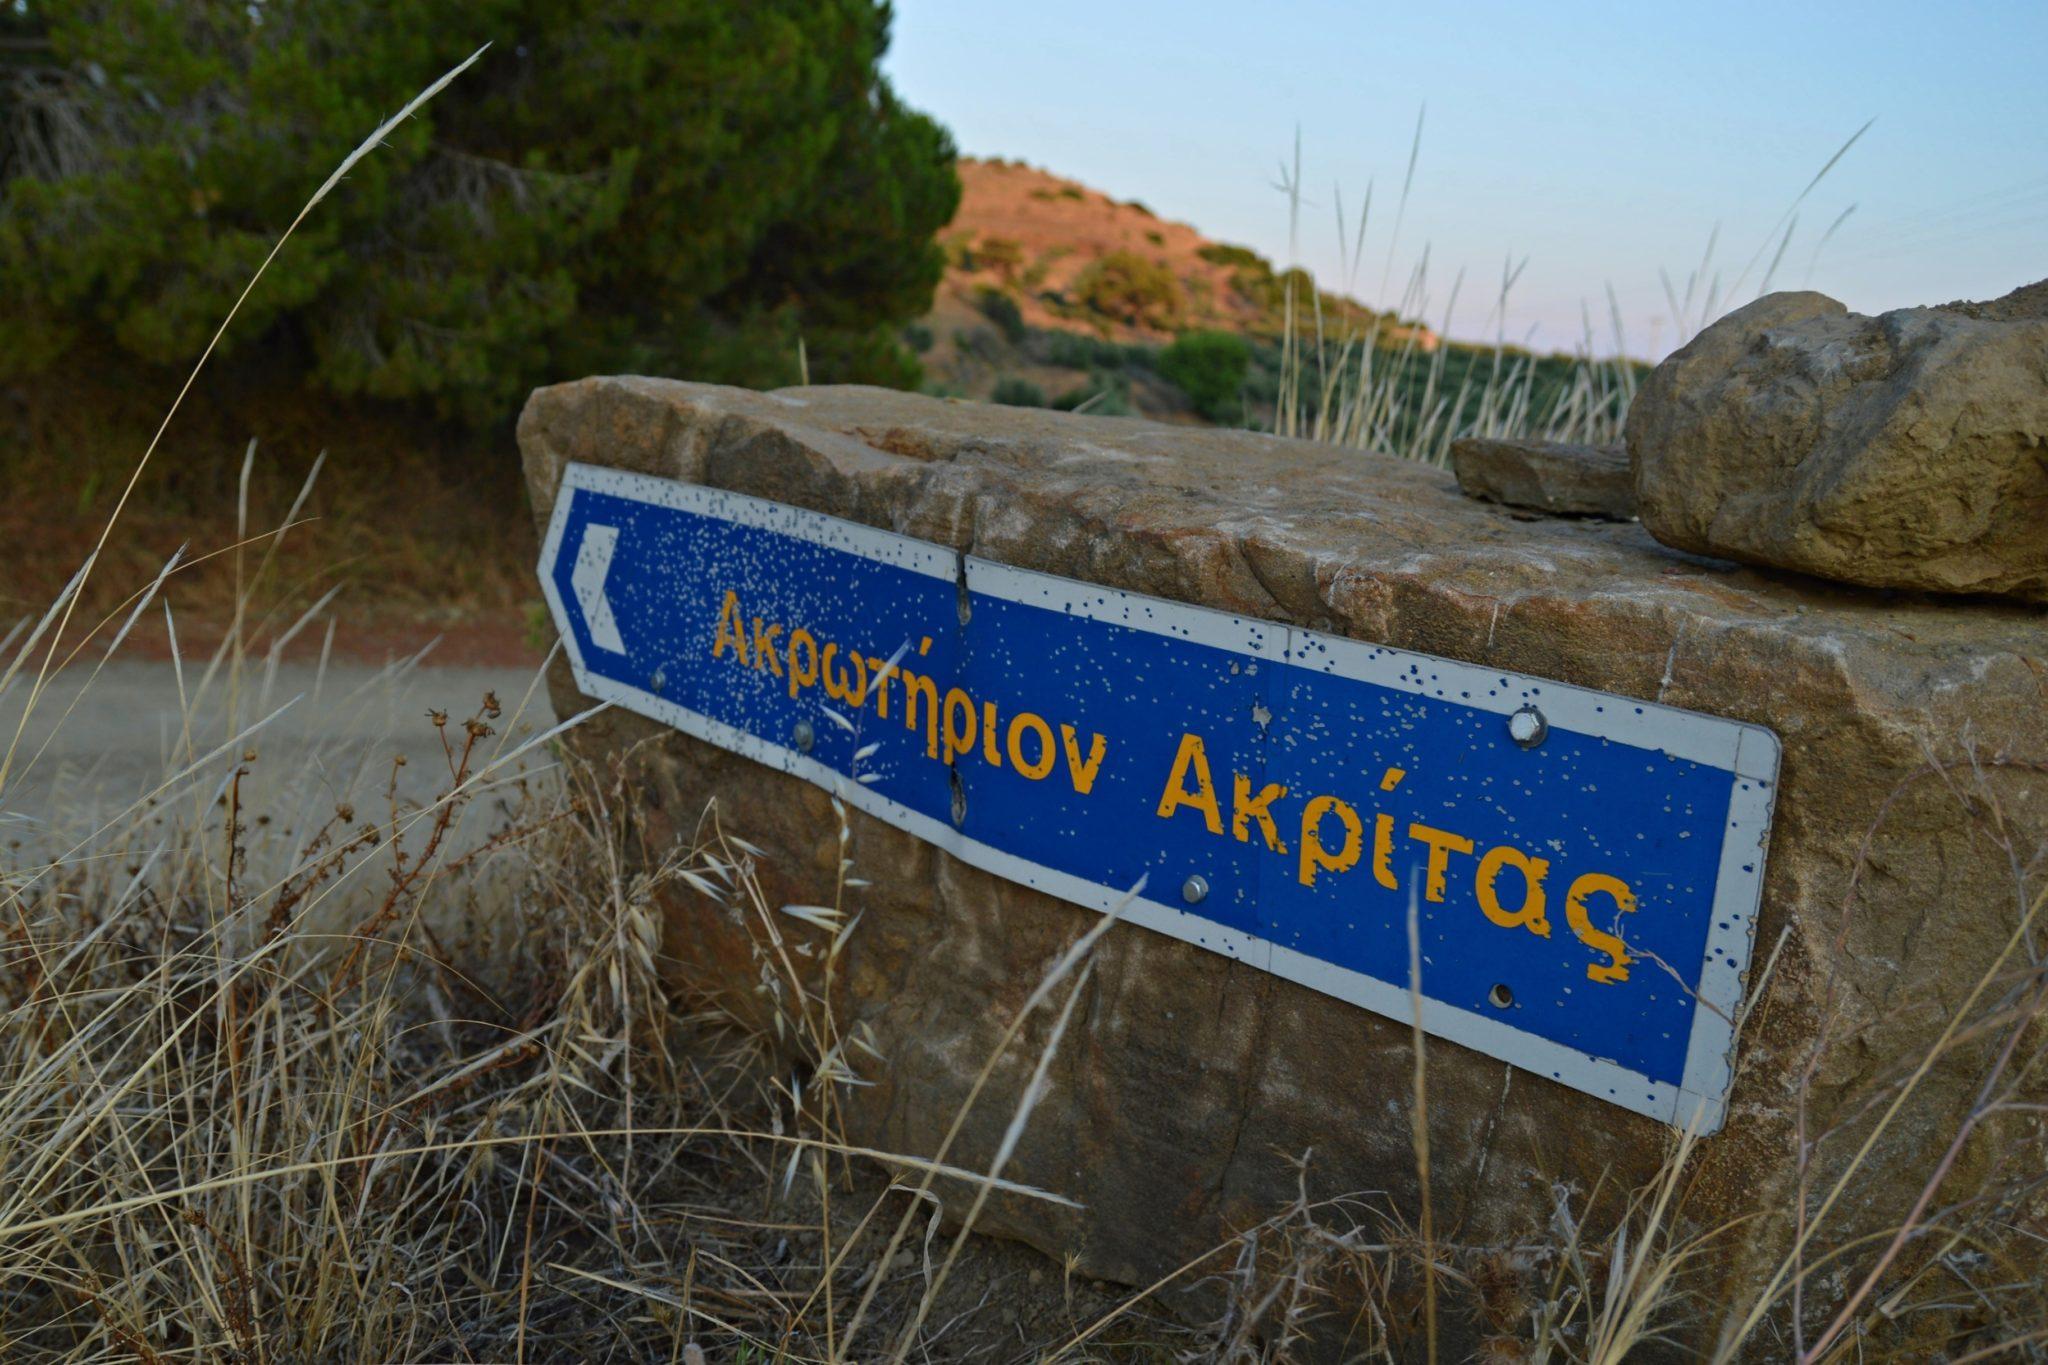 Driving towards the Akrotirio Akritas, Messinia, Greece